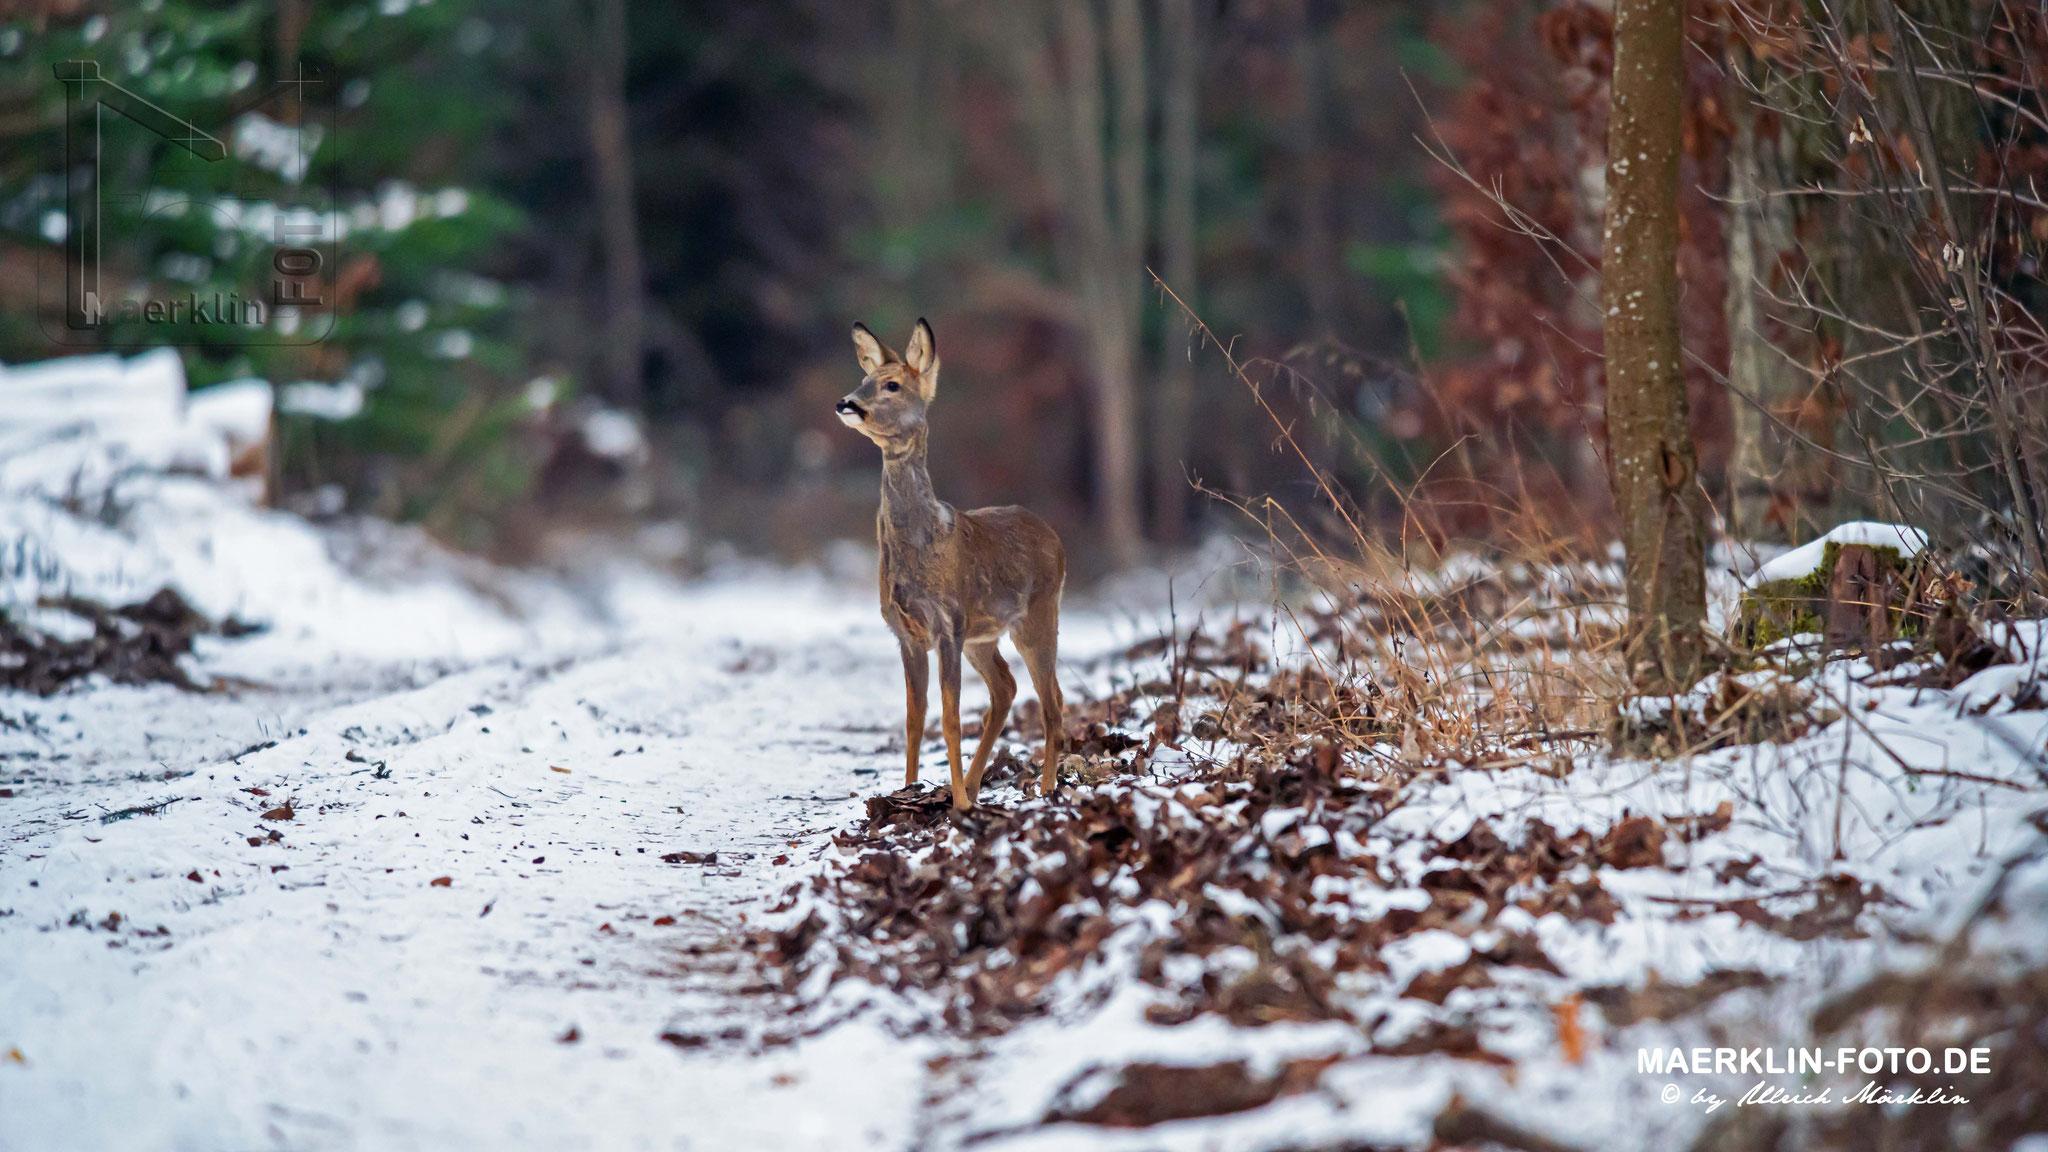 Rehwild im winterlichen Wald, Heckengäu